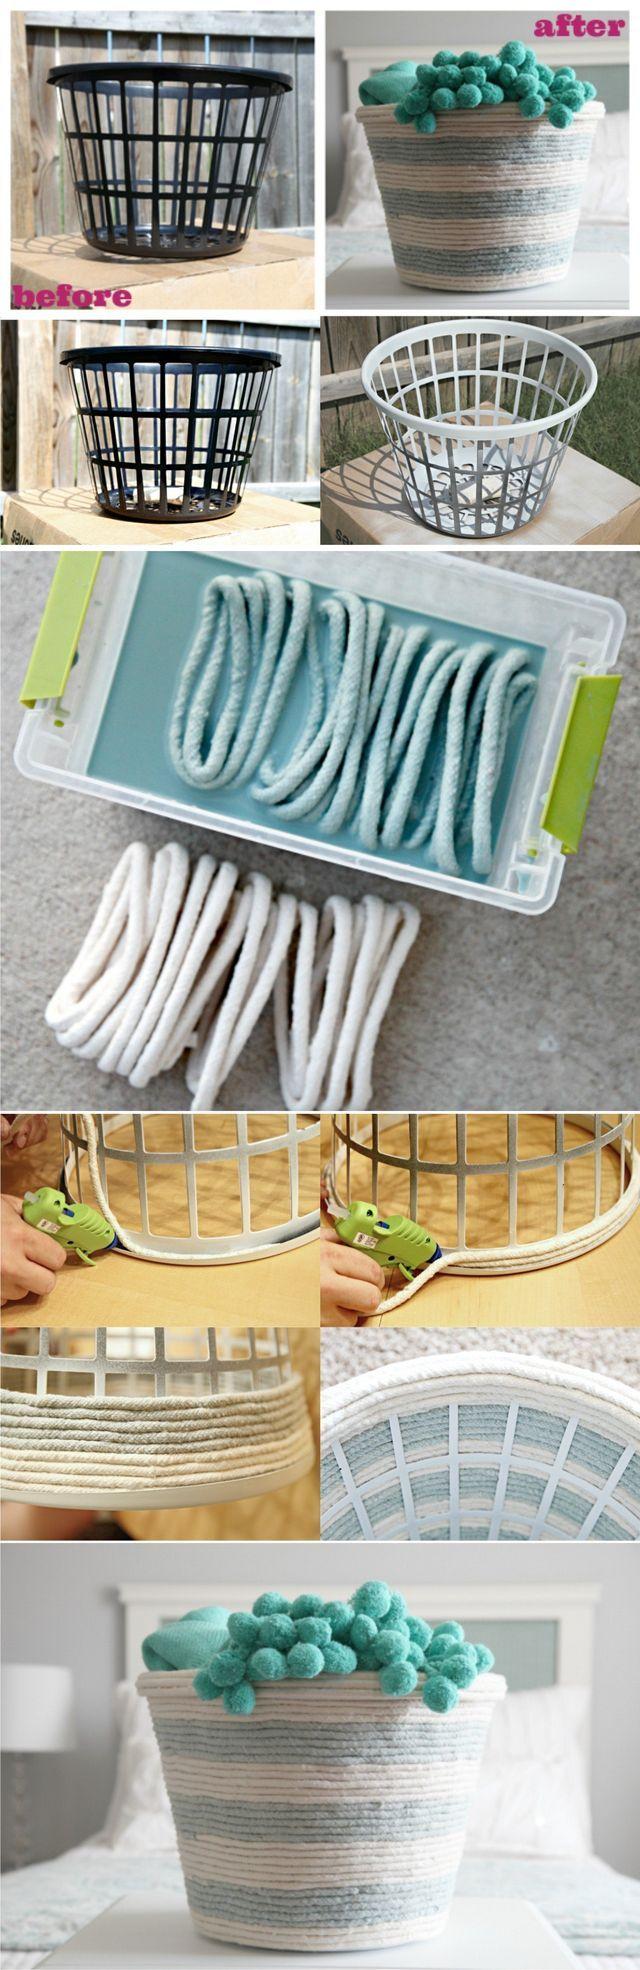 Hoy traemos dos interesantes ejemplos para crear cestas con cuerda, utilizando una cesta de plástico como base y silicona caliente para unir el conjunto. Quizá el proceso aunque bastante sencillo, pue